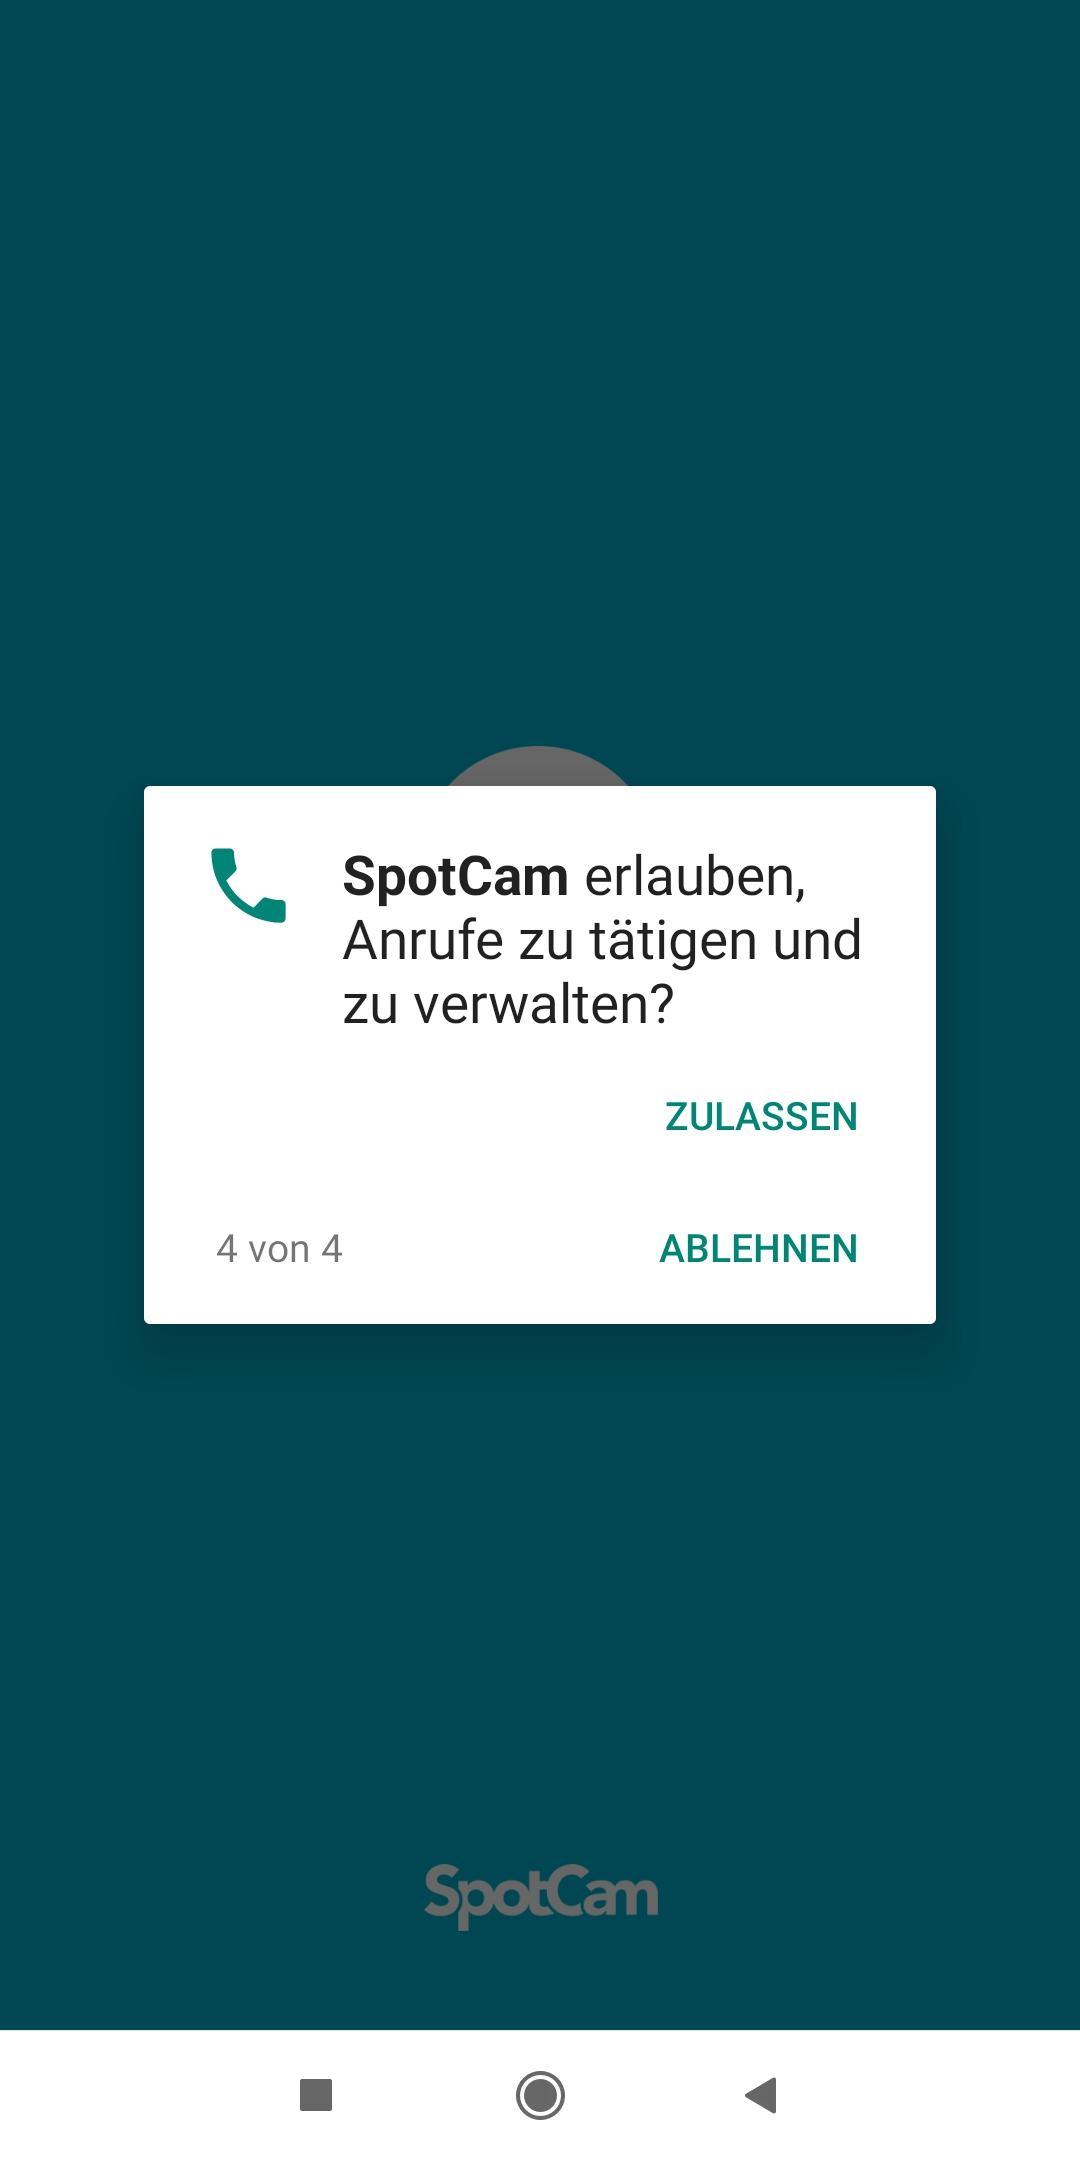 Screenshot_2021-08-08-19-46-55-799_com.google.android.packageinstaller.jpg